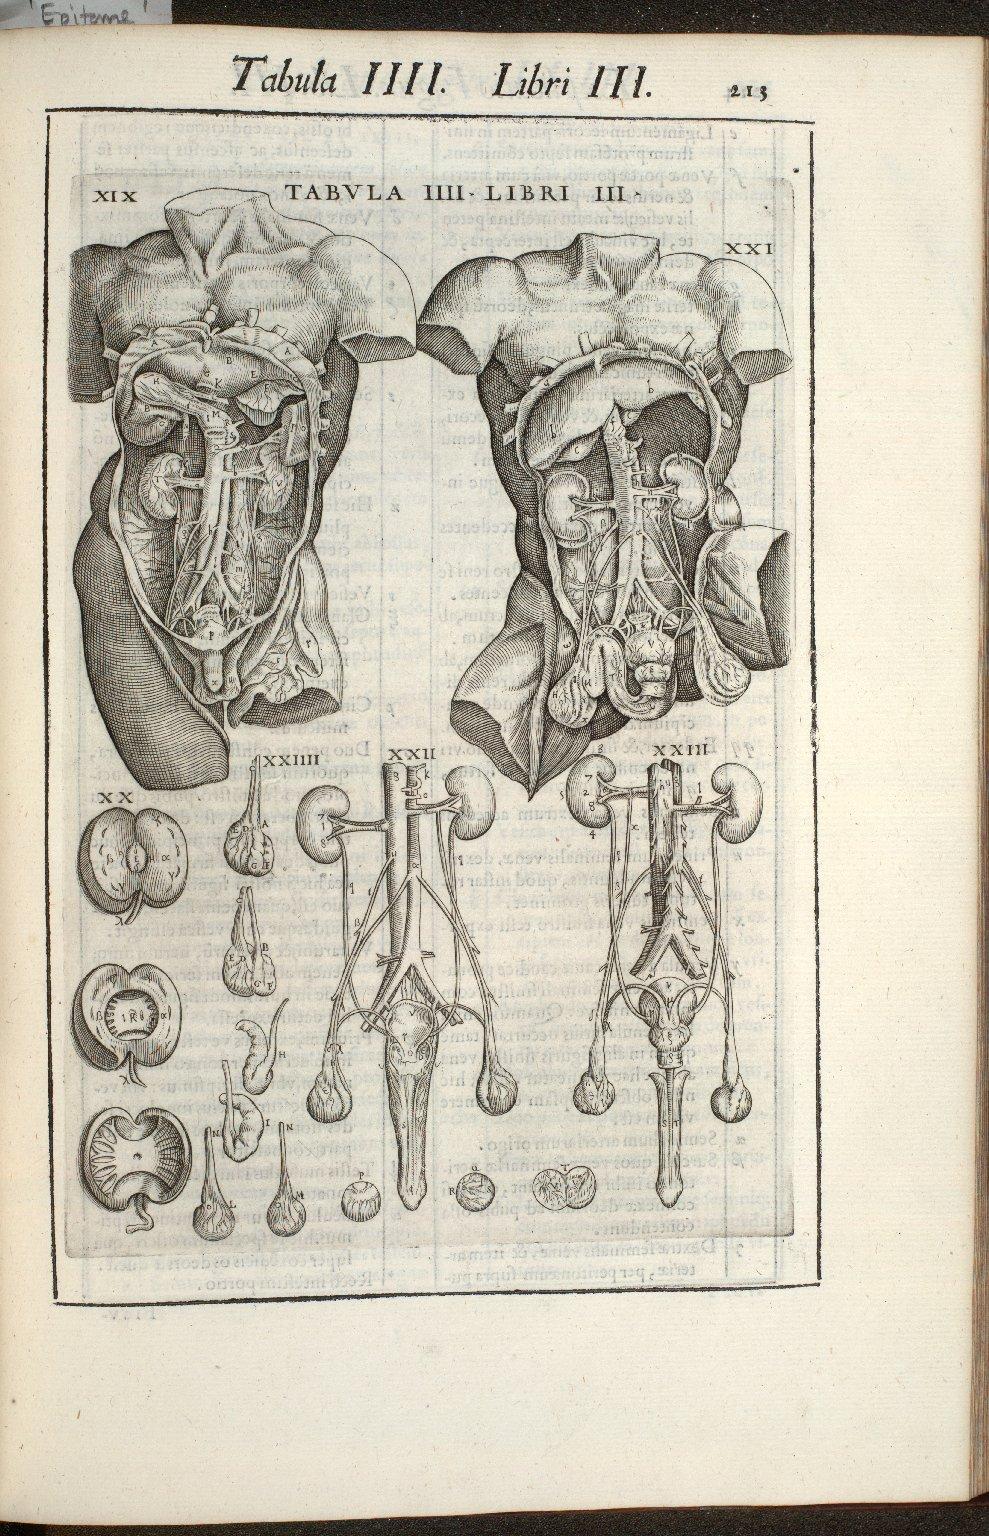 Tabula IIII. Libri III.